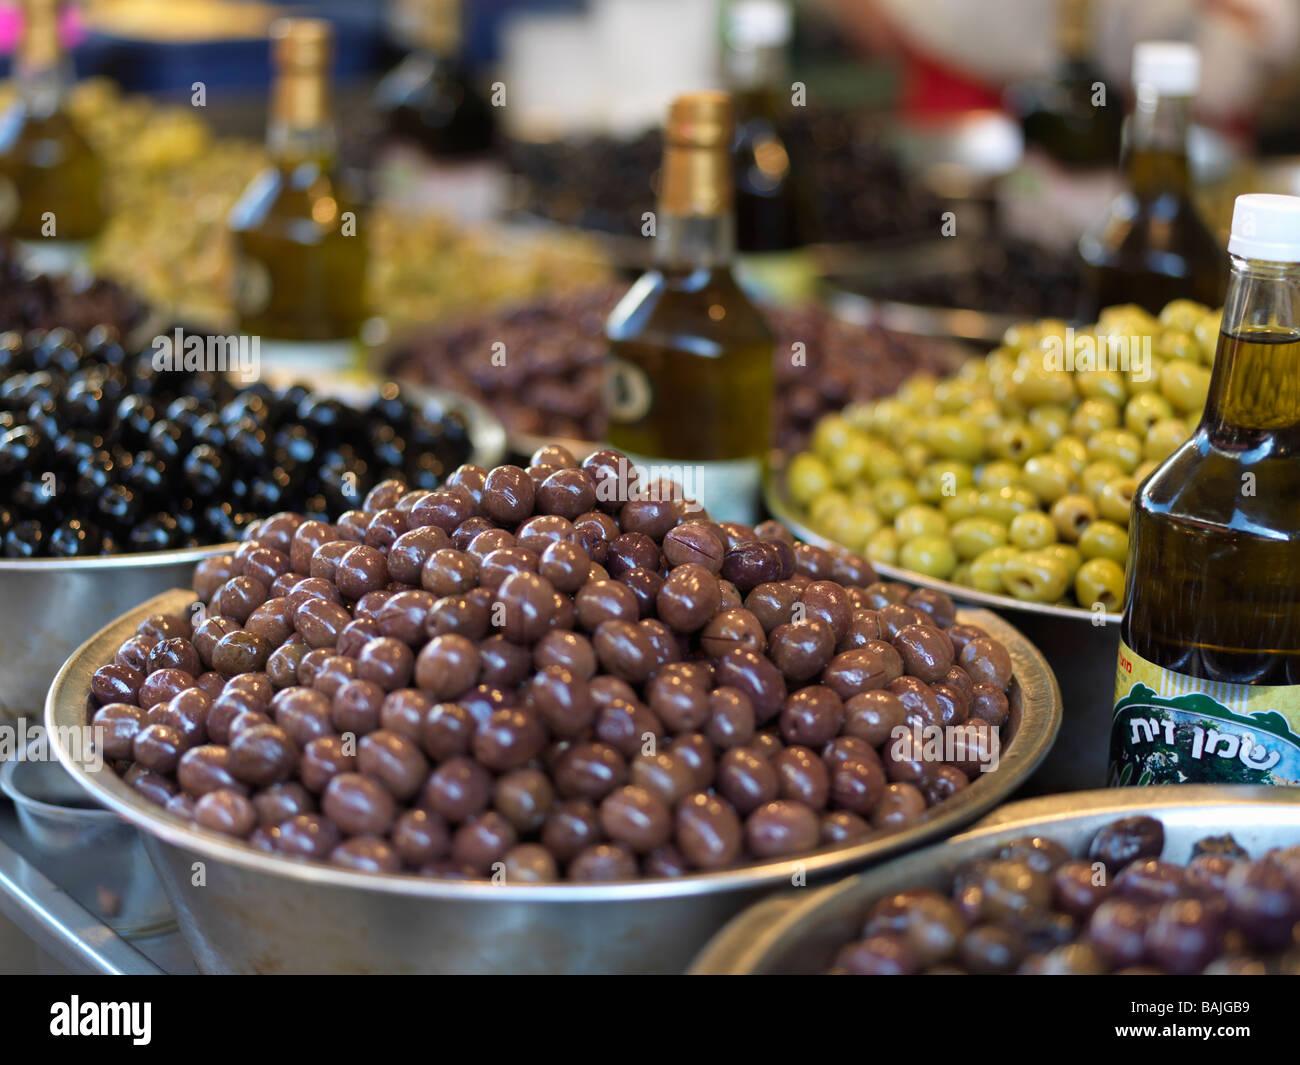 Israel Tel Aviv mercado Carmel, aceitunas en la pantalla para la venta Imagen De Stock